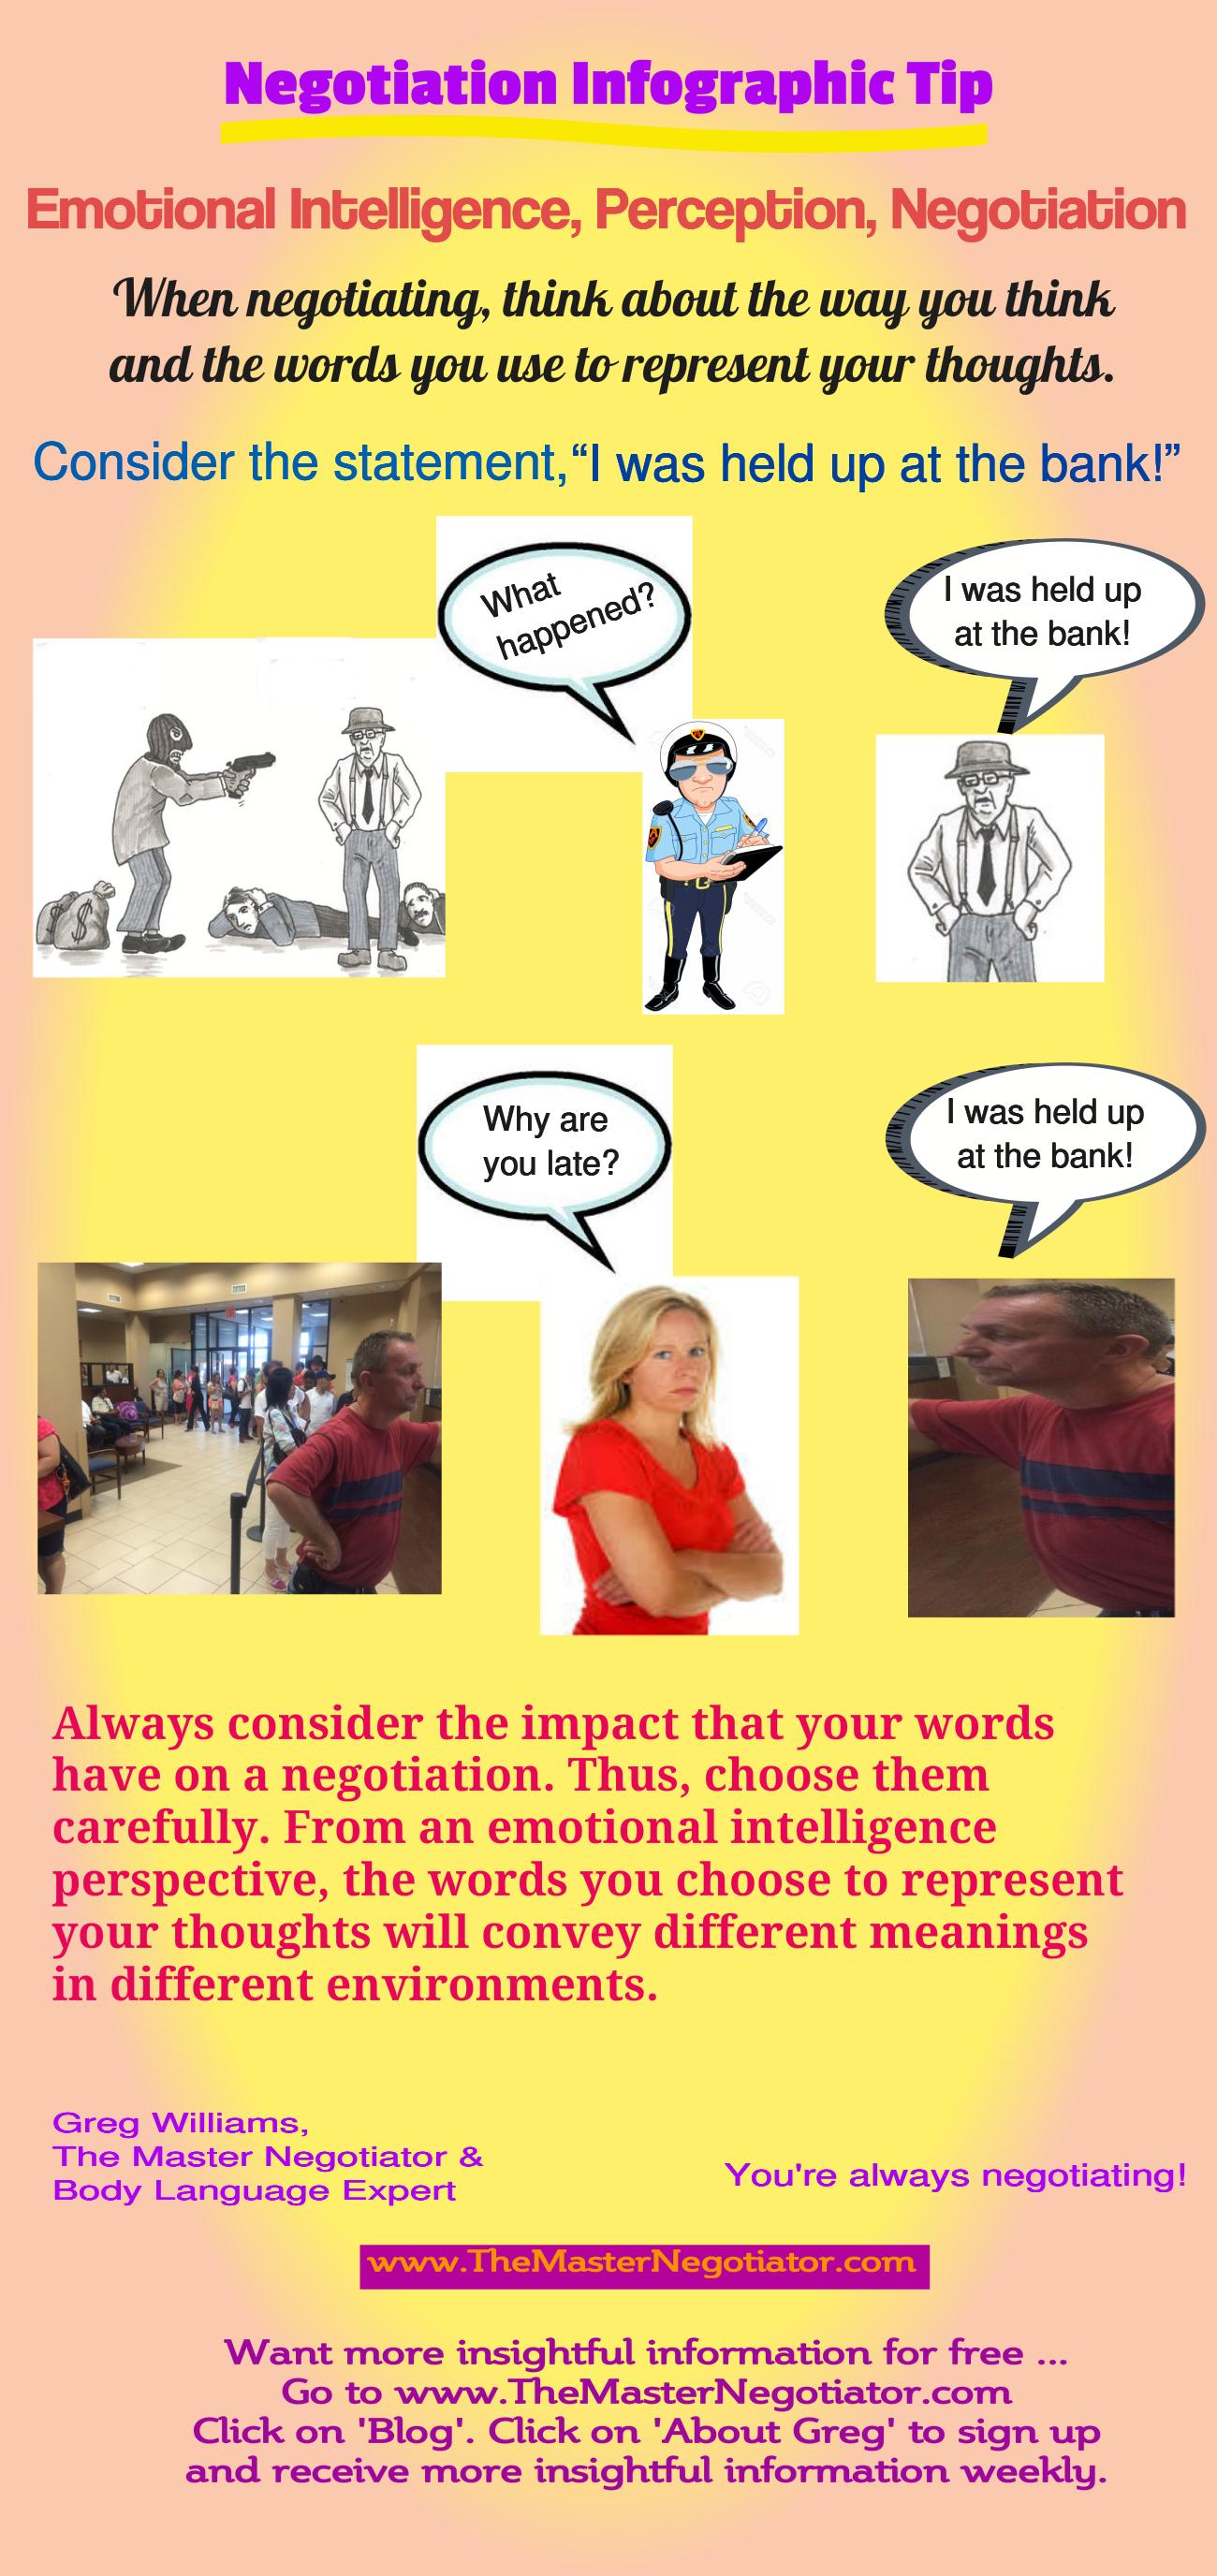 Emotional Intelligence Perception Negotiation